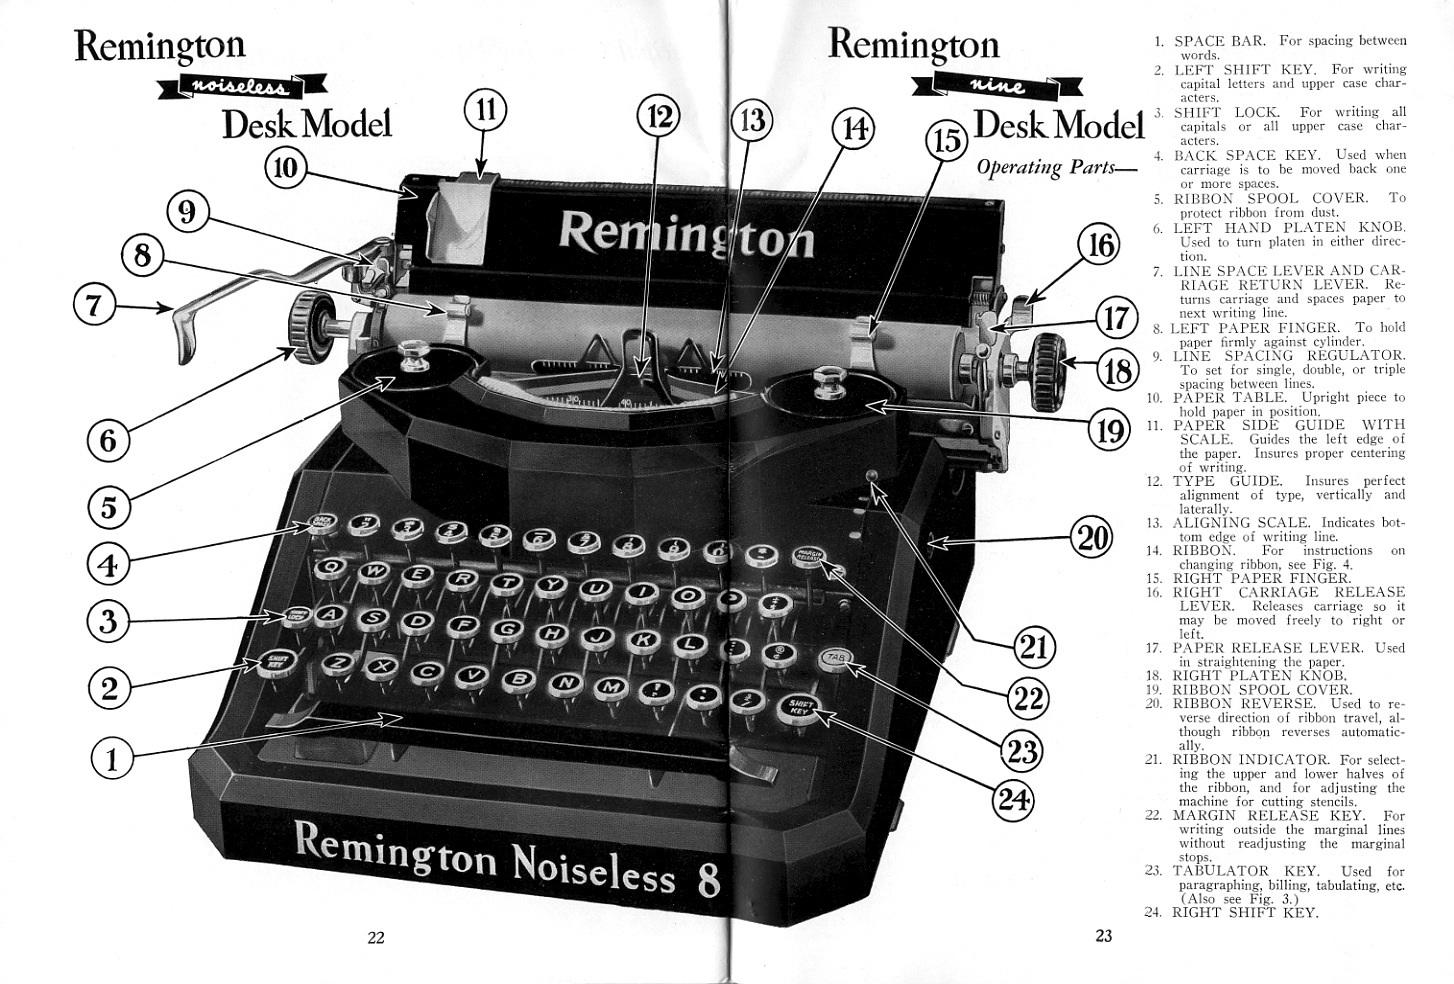 Drawn typewriter Noiseless 8 and Manuals Remington